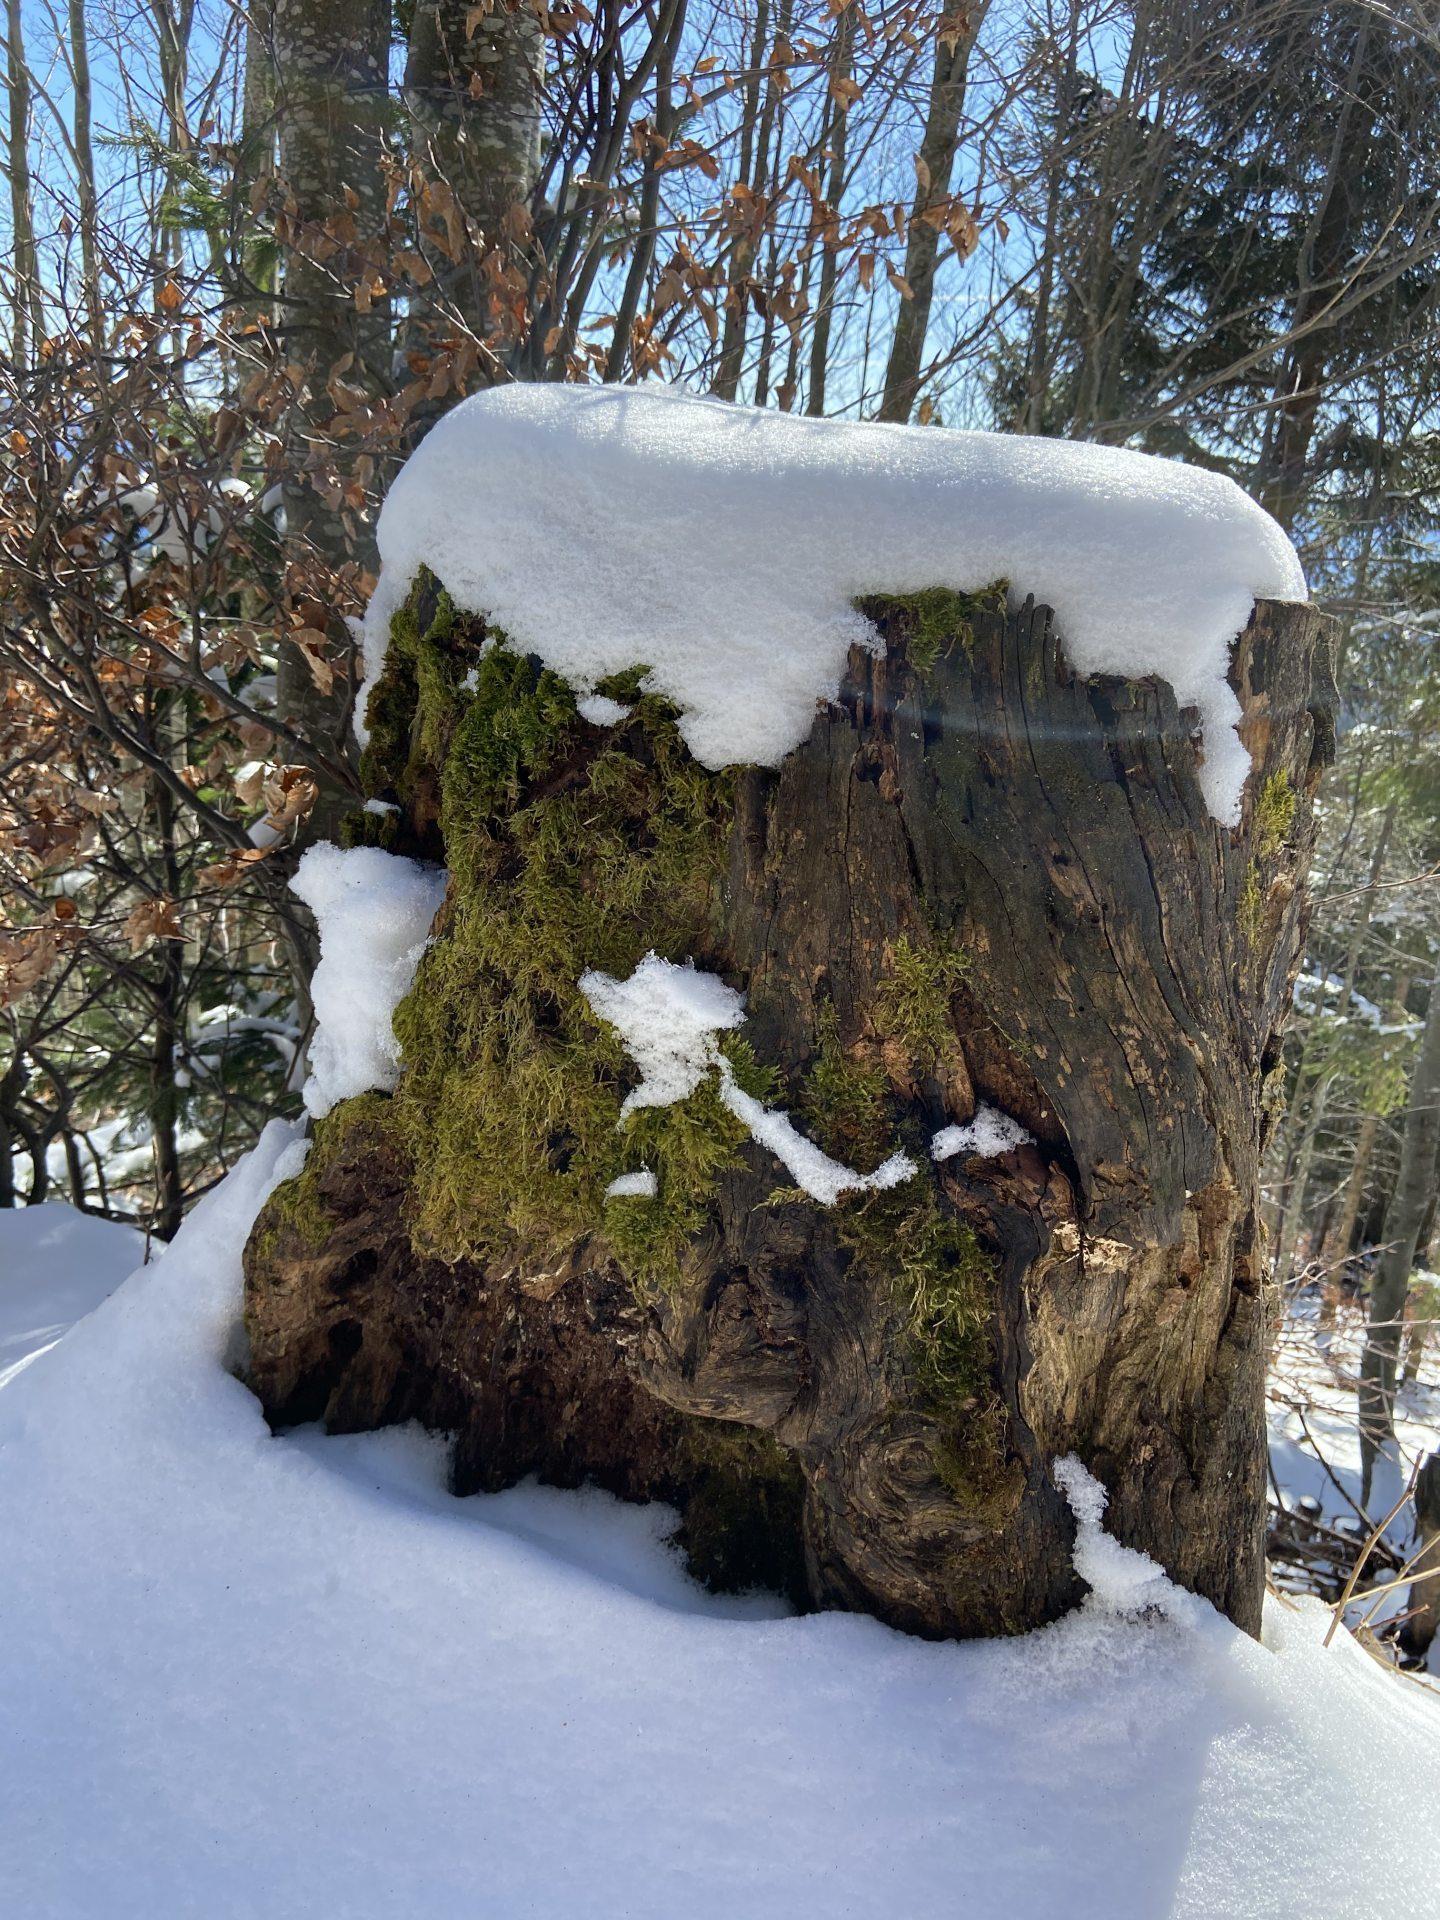 Auch im zeitigen Frühling kanns noch tiefwinterlicht sein - Baumstamm, Baumstumpf, Natur, Ramsau, Schnee, Unterberg - (Adamsthal, Kieneck, Niederösterreich, Österreich)